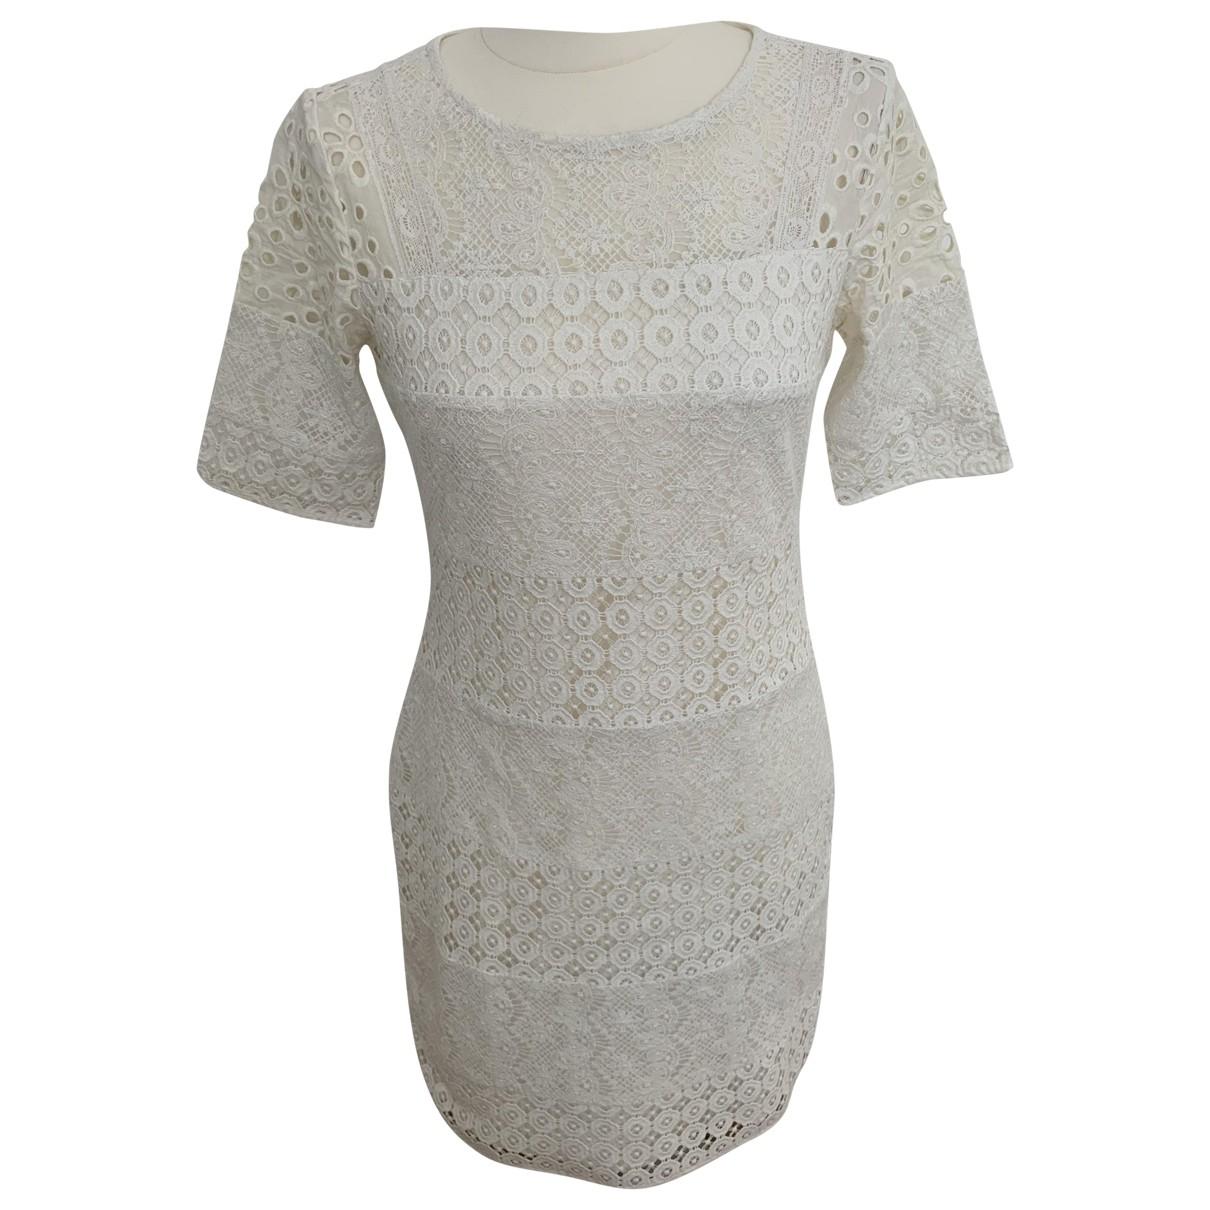 Reiss \N Kleid in  Weiss Baumwolle